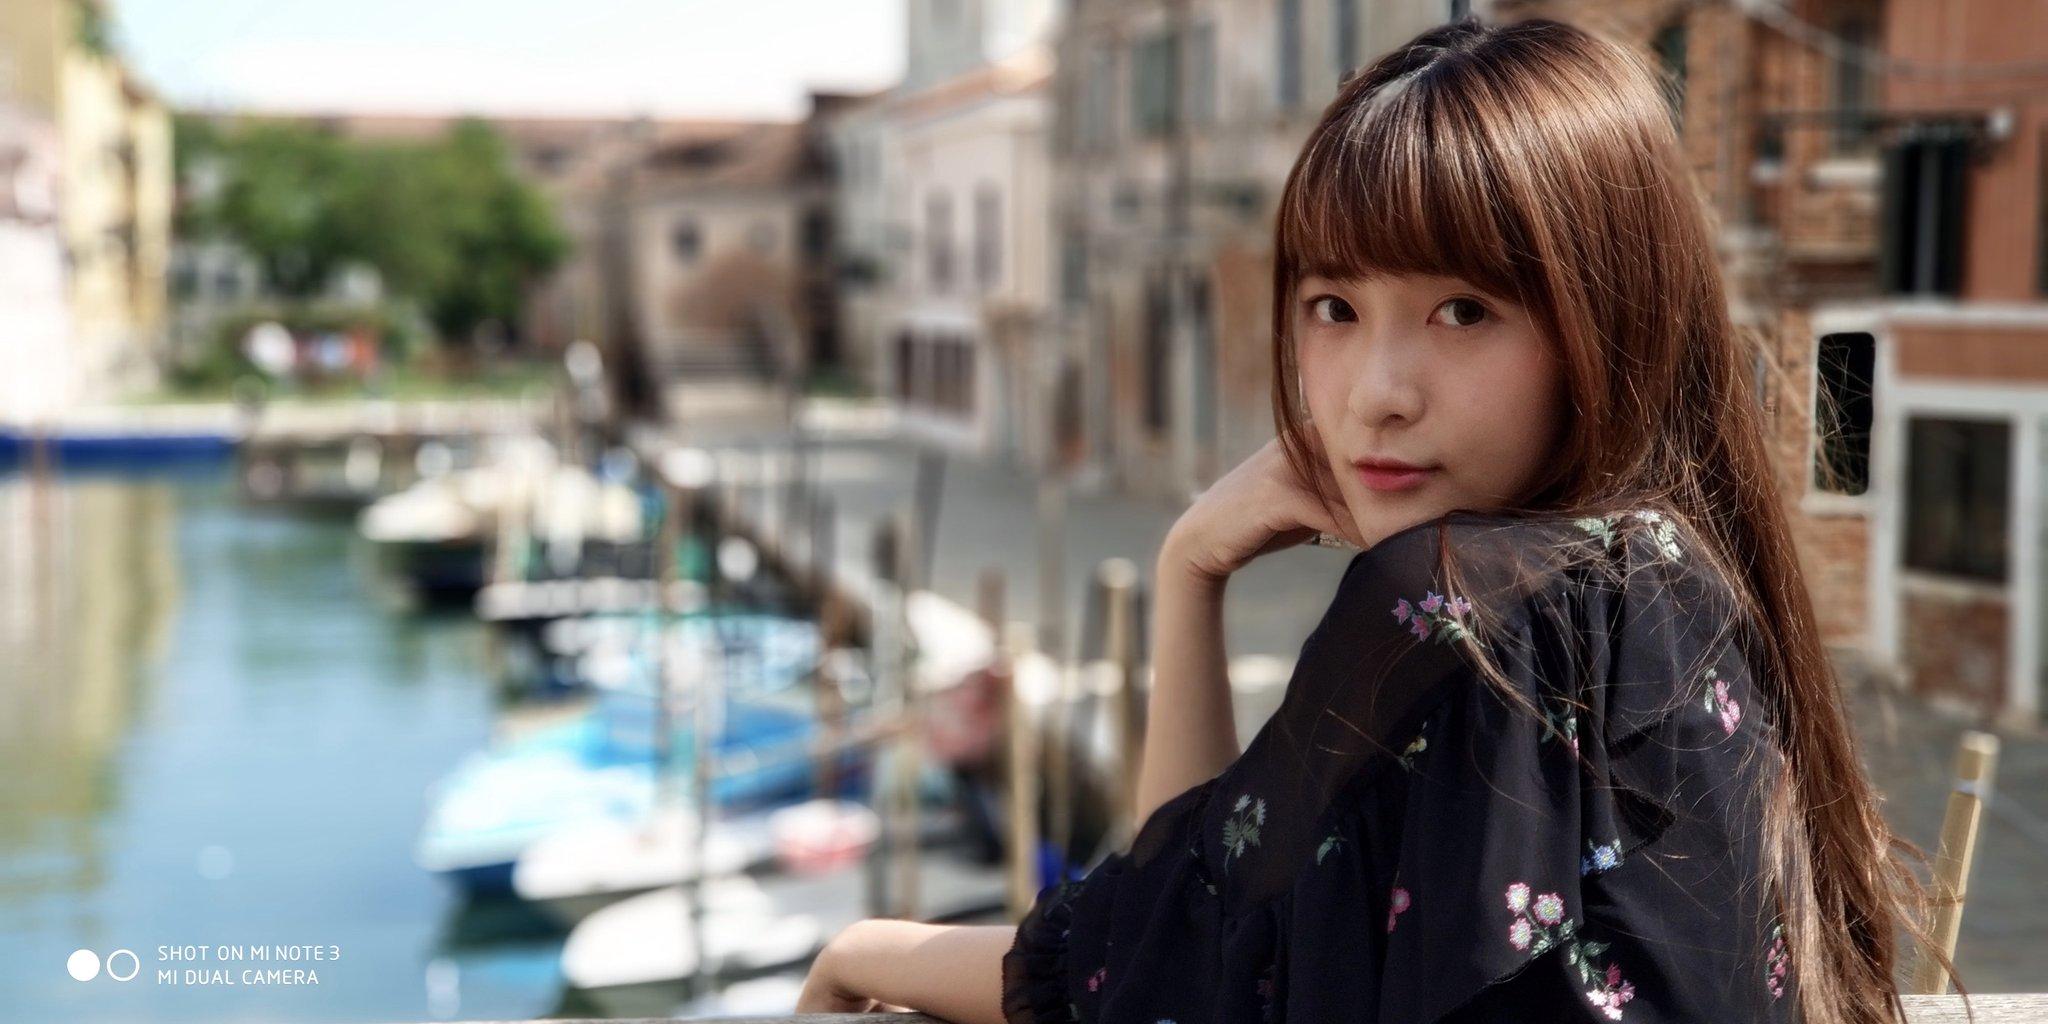 камера xiaomi mi note 3 пример фото